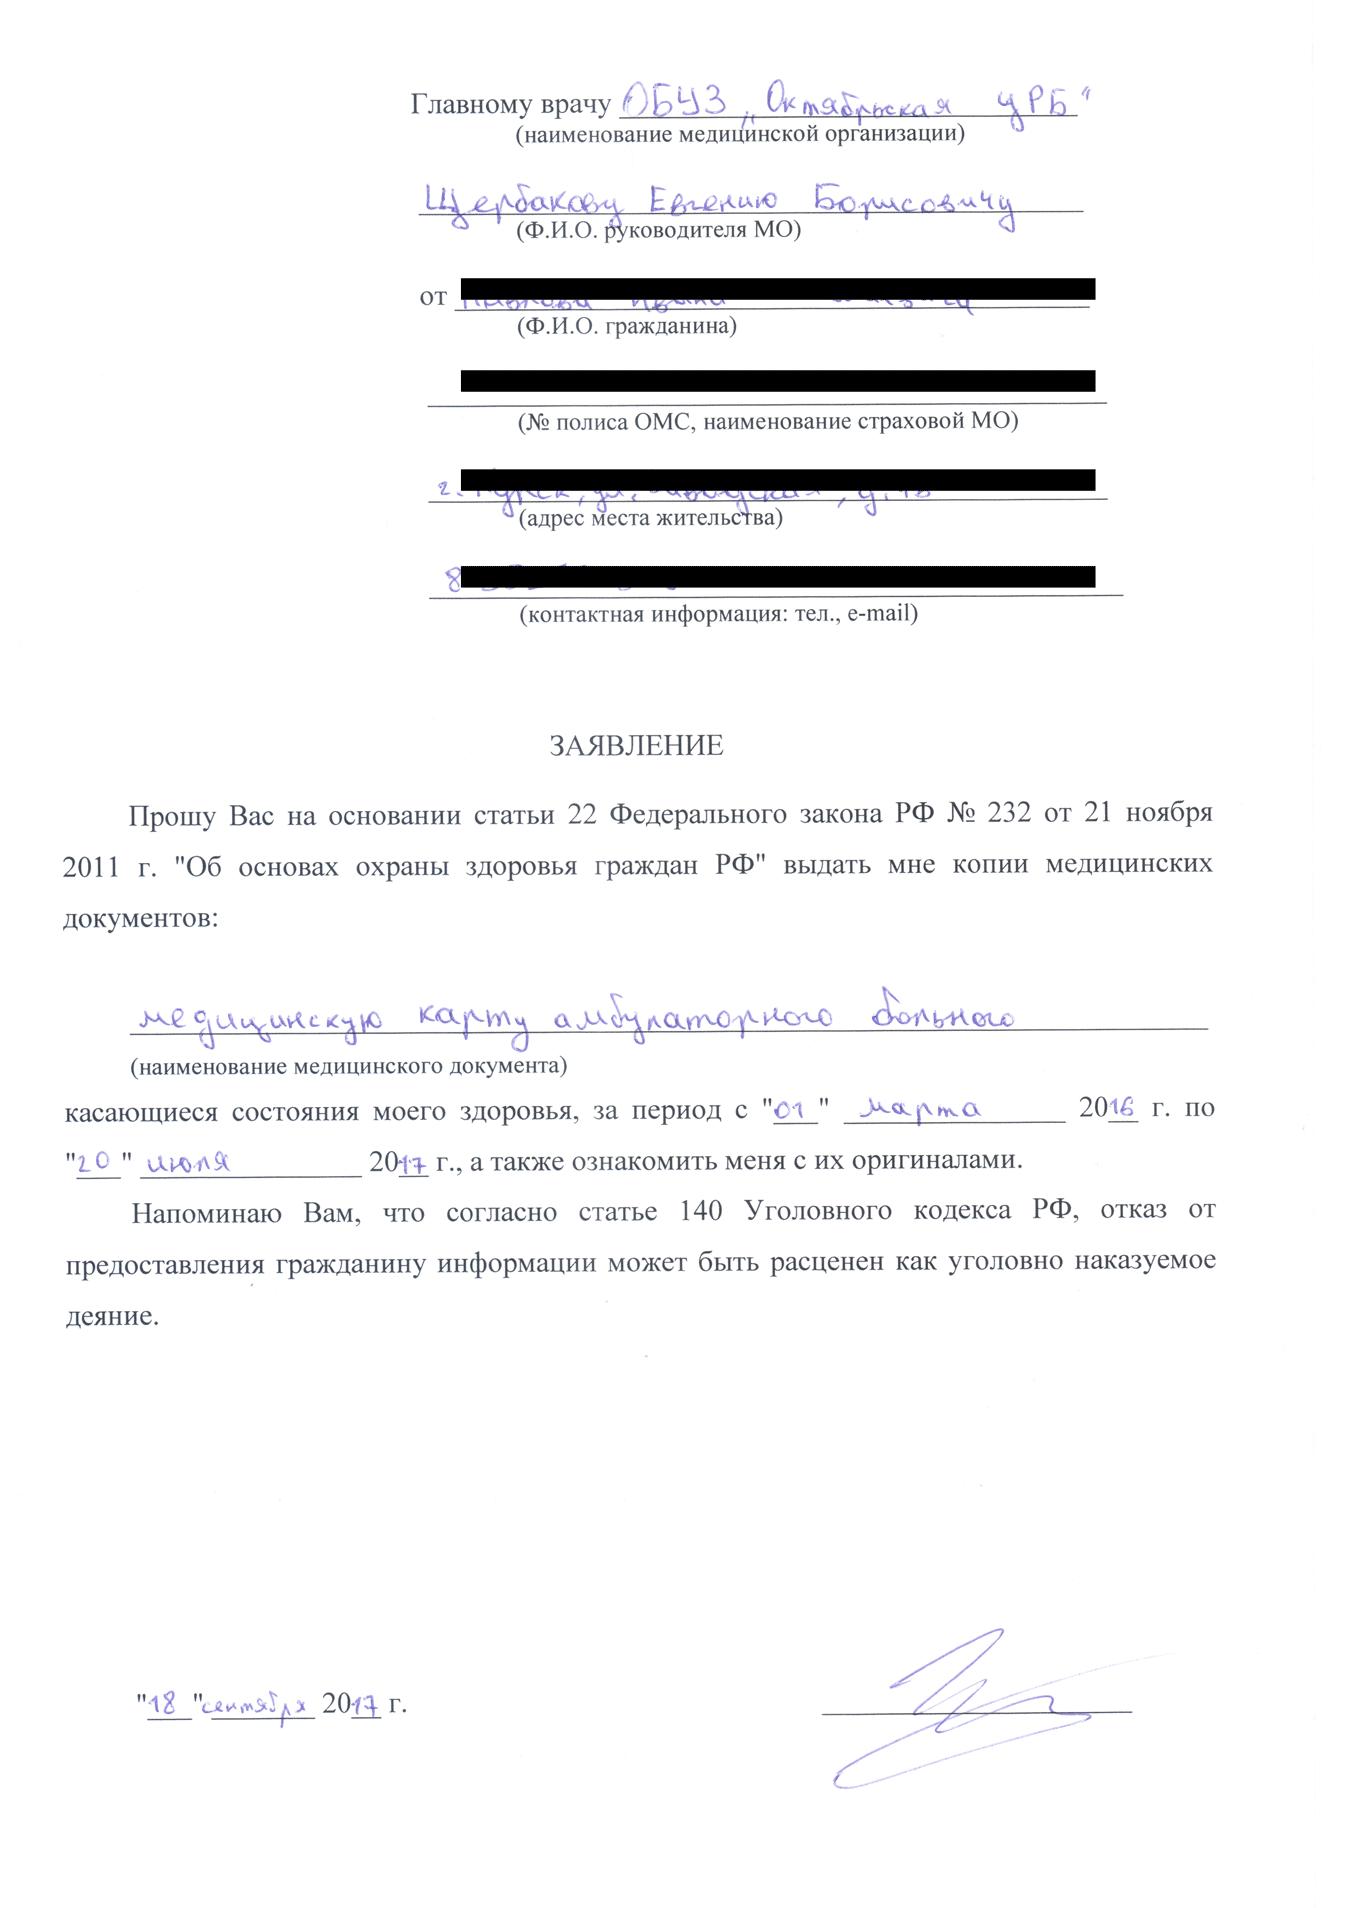 Заявление-запрос о предоставлении копий анализов